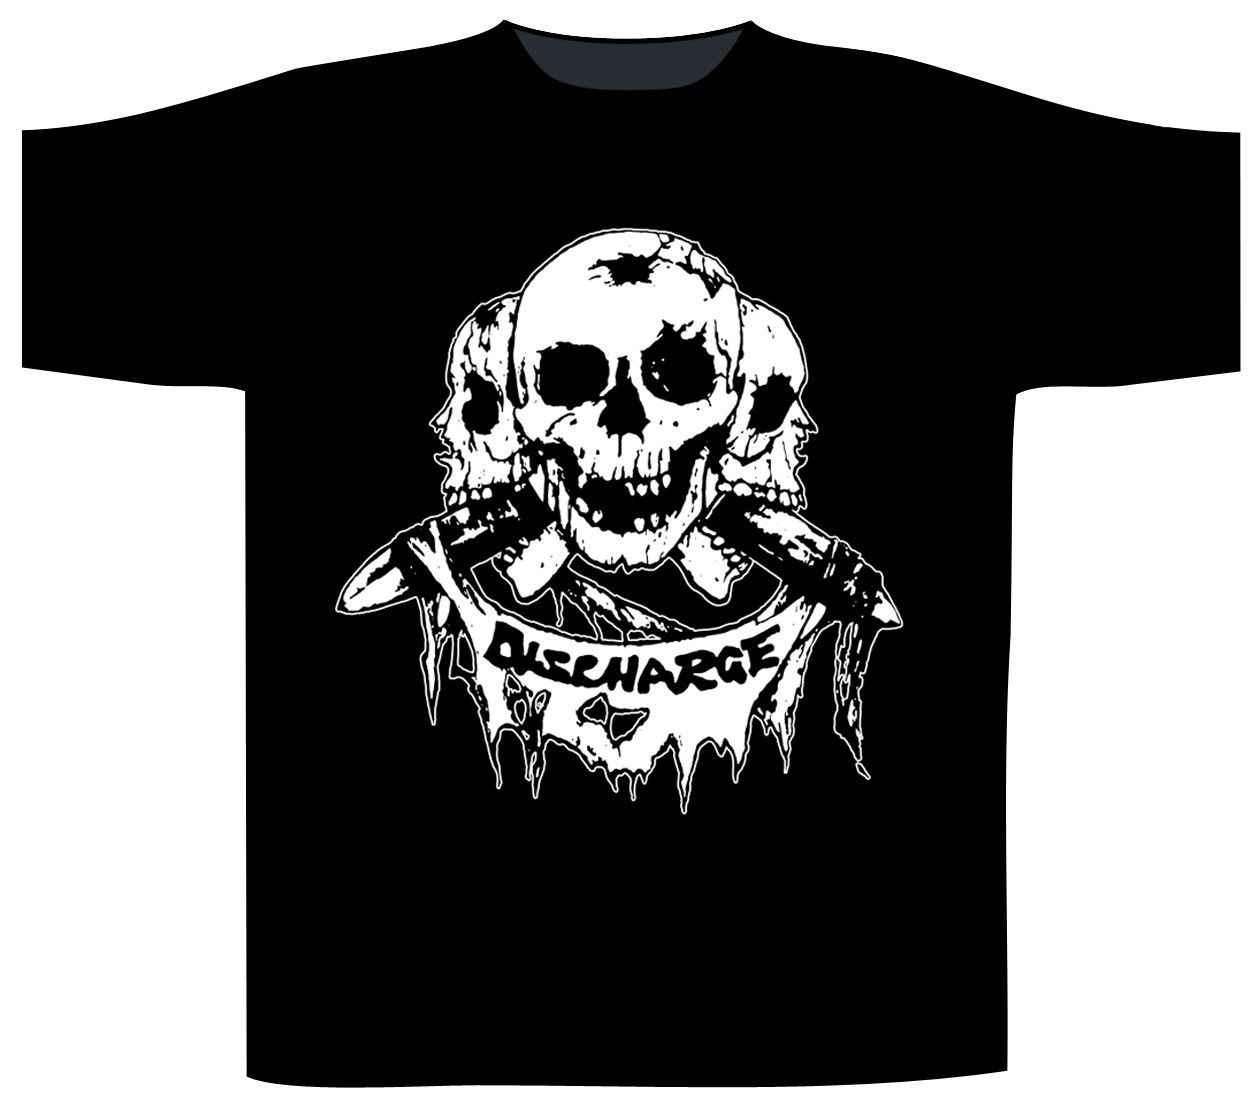 Décharge T-Shirt 'crâne Logo'-nouveau & officiel été décontracté homme T-Shirt bonne qualité top T-Shirt couleur drôle imprimé